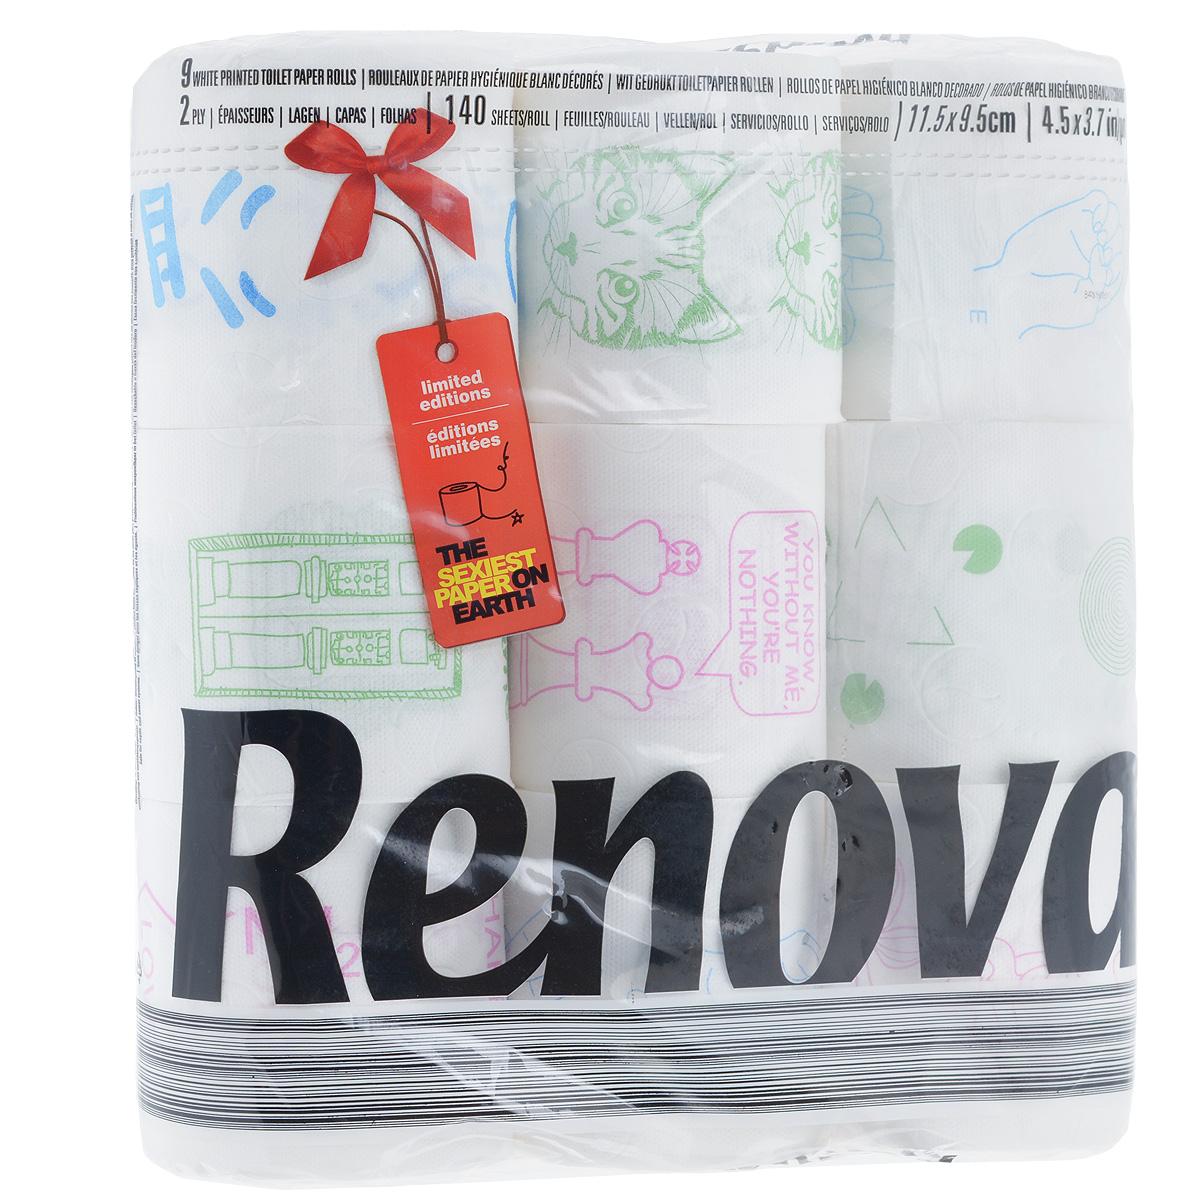 Туалетная бумага Renova Design, двухслойная, цвет: белый, 9 рулонов790009Туалетная бумага Renova Design изготовлена по новейшей технологии из 100% целлюлозы, благодаря чему она очень мягкая, нежная, но в тоже время прочная. Перфорация надежно скрепляет слои бумаги. Туалетная бумага Renova Design сочетает в себе простоту и оригинальность. На каждом листе туалетной бумаге разное цветное изображение.Состав: 100% целлюлоза. Количество листов: 140 шт.Количество слоев: 2.Размер листа: 11,5 см х 9,5 см.Количество рулонов: 9 шт.Португальская компания Renova является ведущим разработчиком новейших технологий производства, нового стиля и направления на рынке гигиенической продукции. Современный дизайн и высочайшее качество, дерматологический контроль - это то, что выделяет компанию Renova среди других производителей бумажной санитарно-гигиенической продукции.